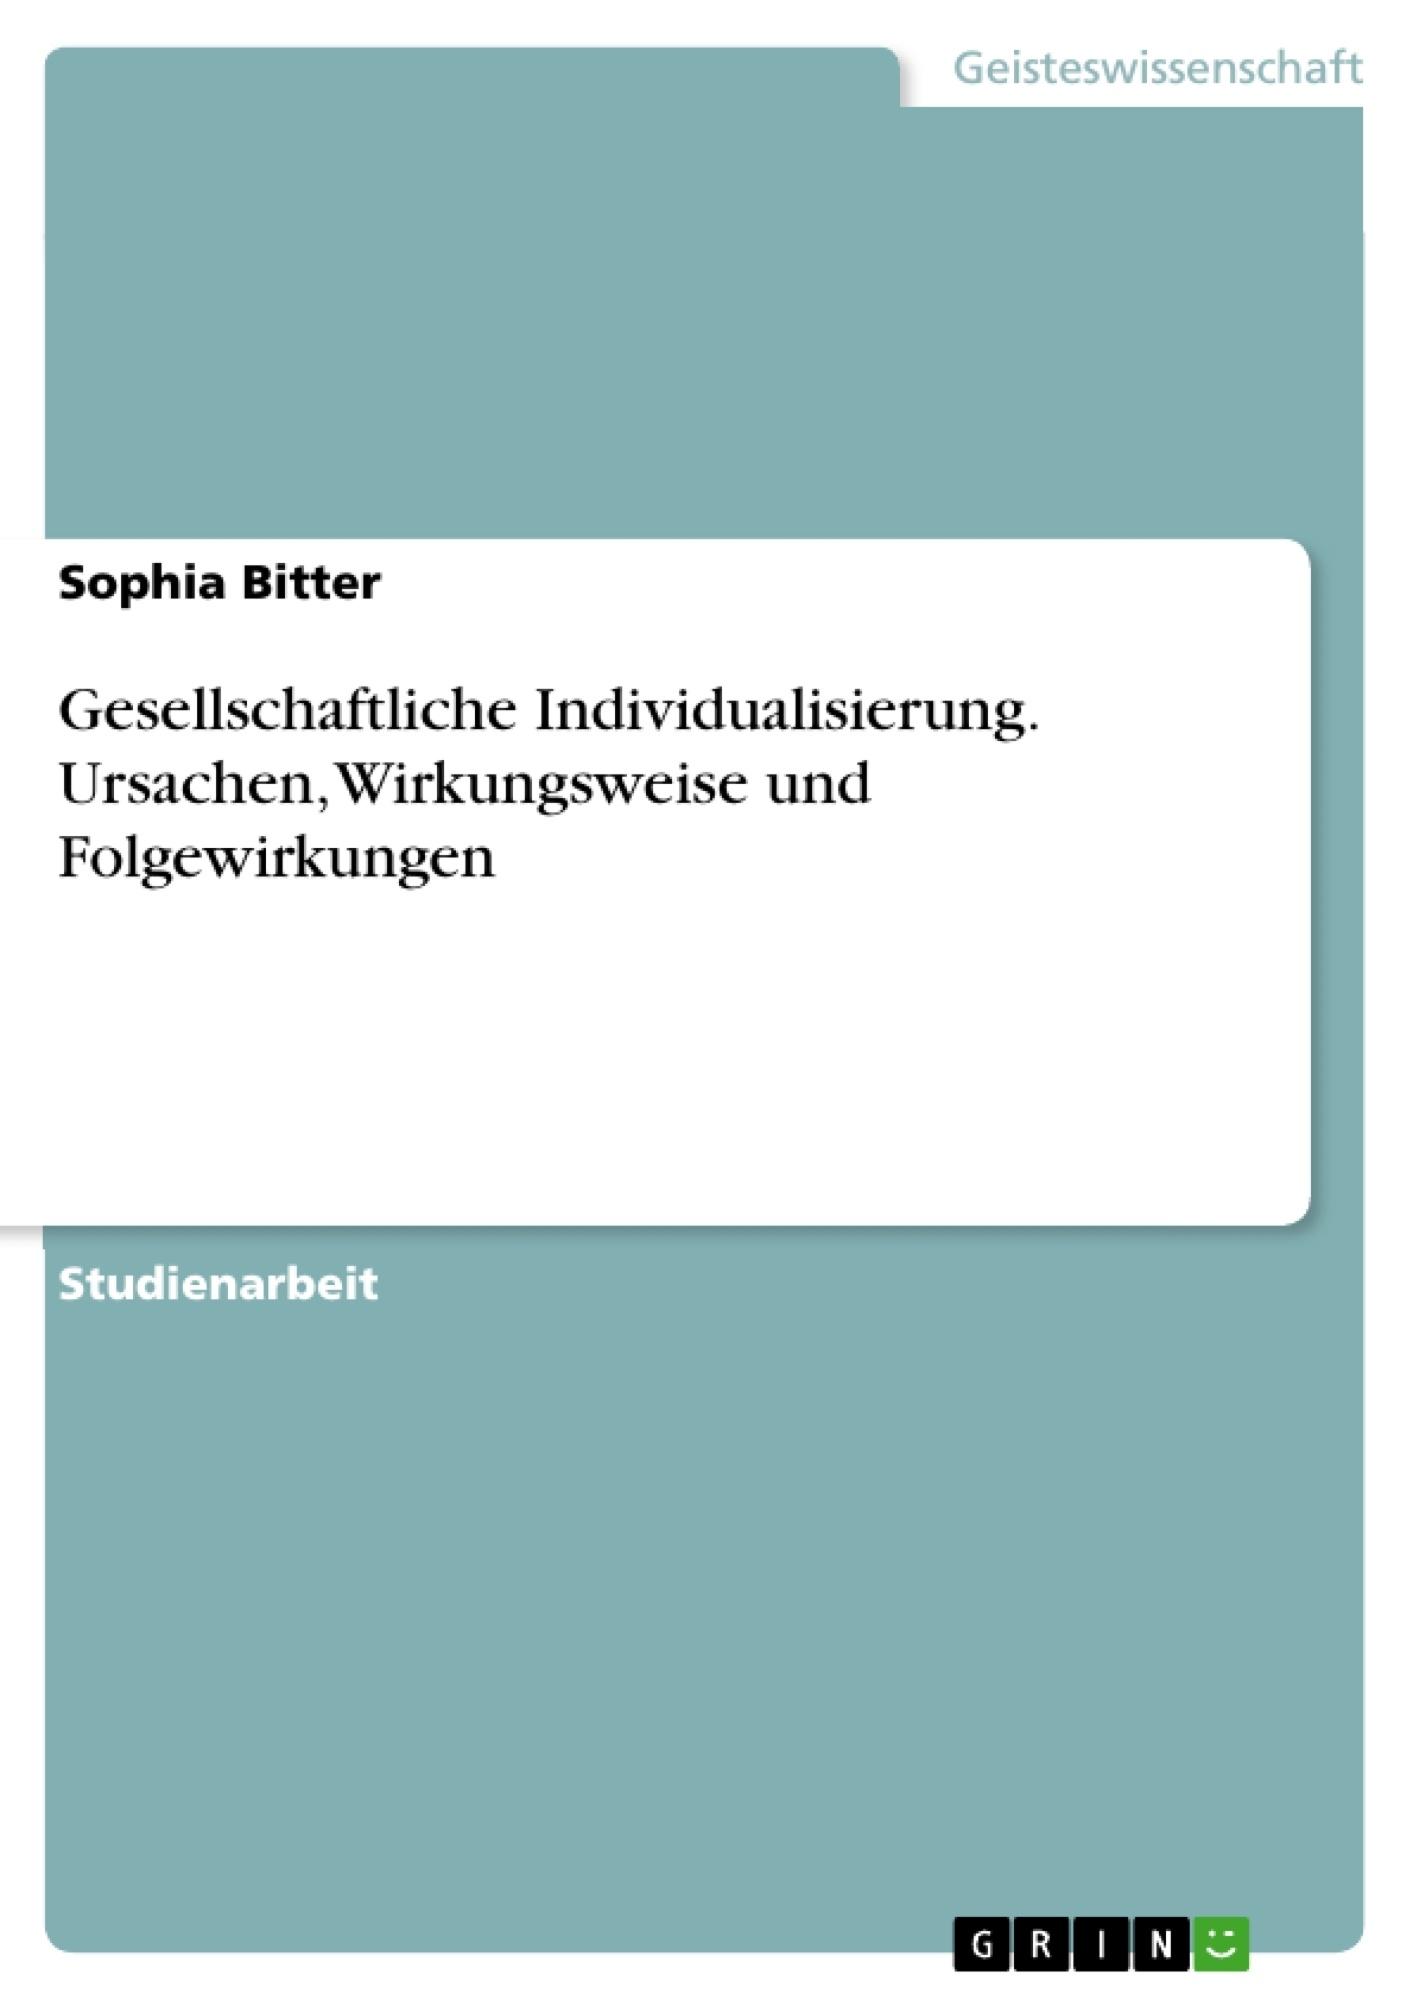 Titel: Gesellschaftliche Individualisierung. Ursachen, Wirkungsweise und Folgewirkungen